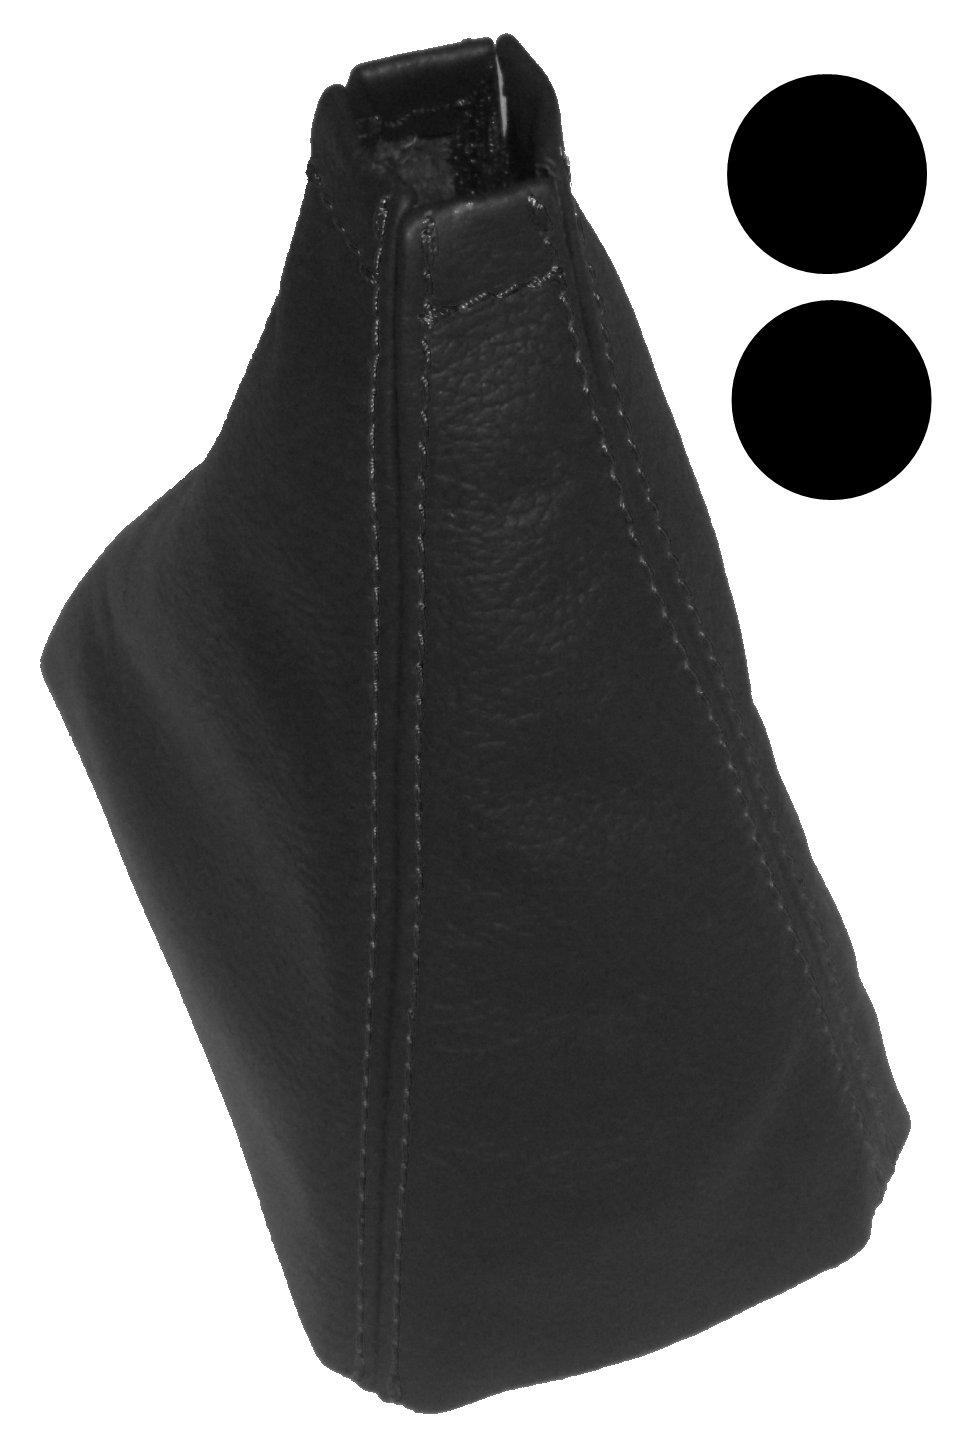 Funda para palanca de cambios 100/% Piel genuina negro con costuras de color negro AERZETIX